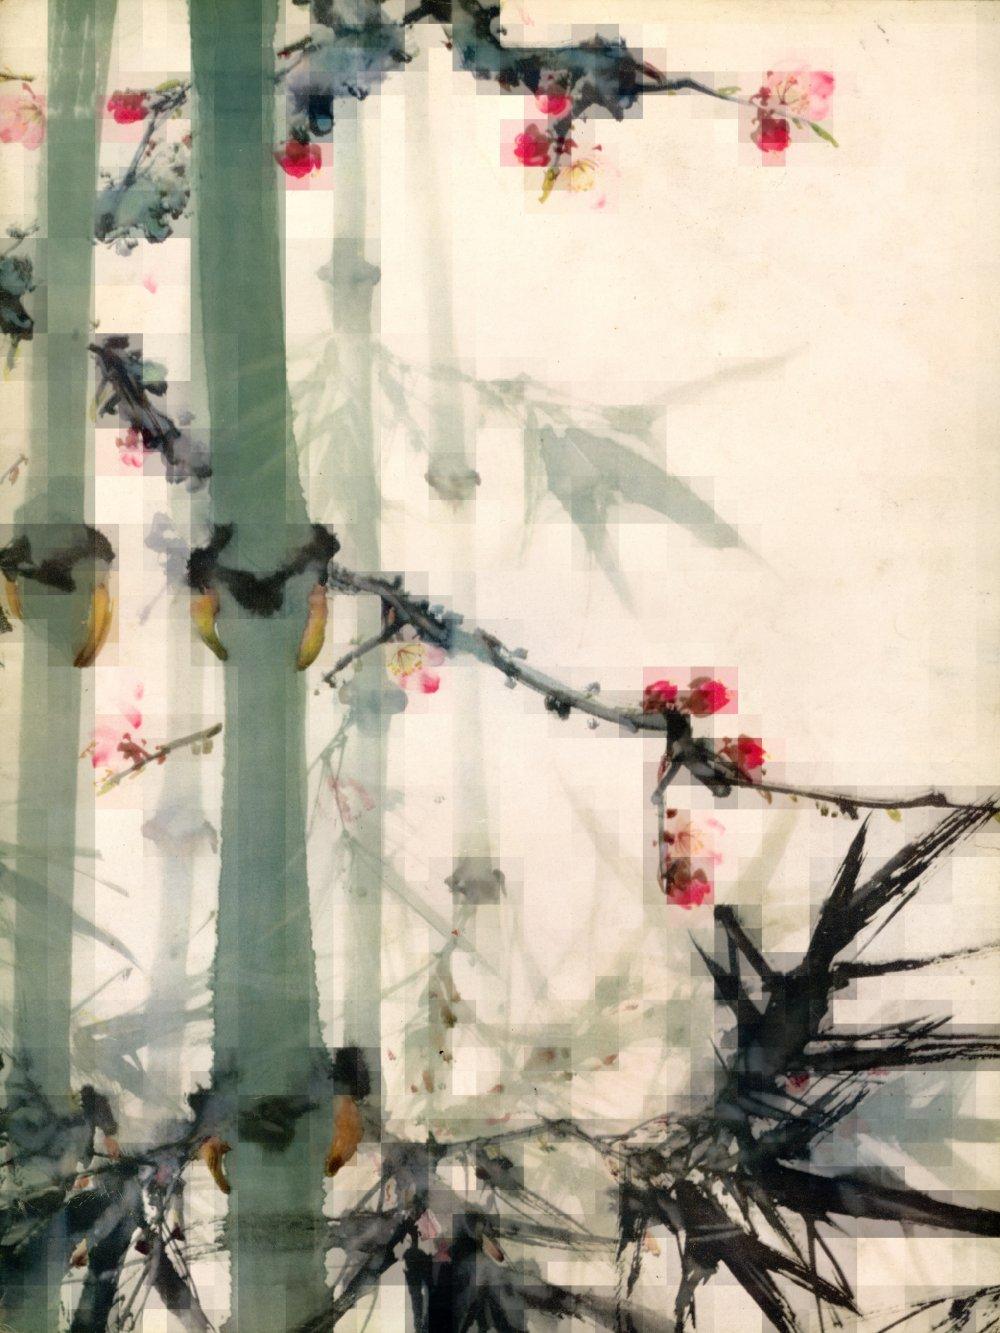 tableau chinois_07 I